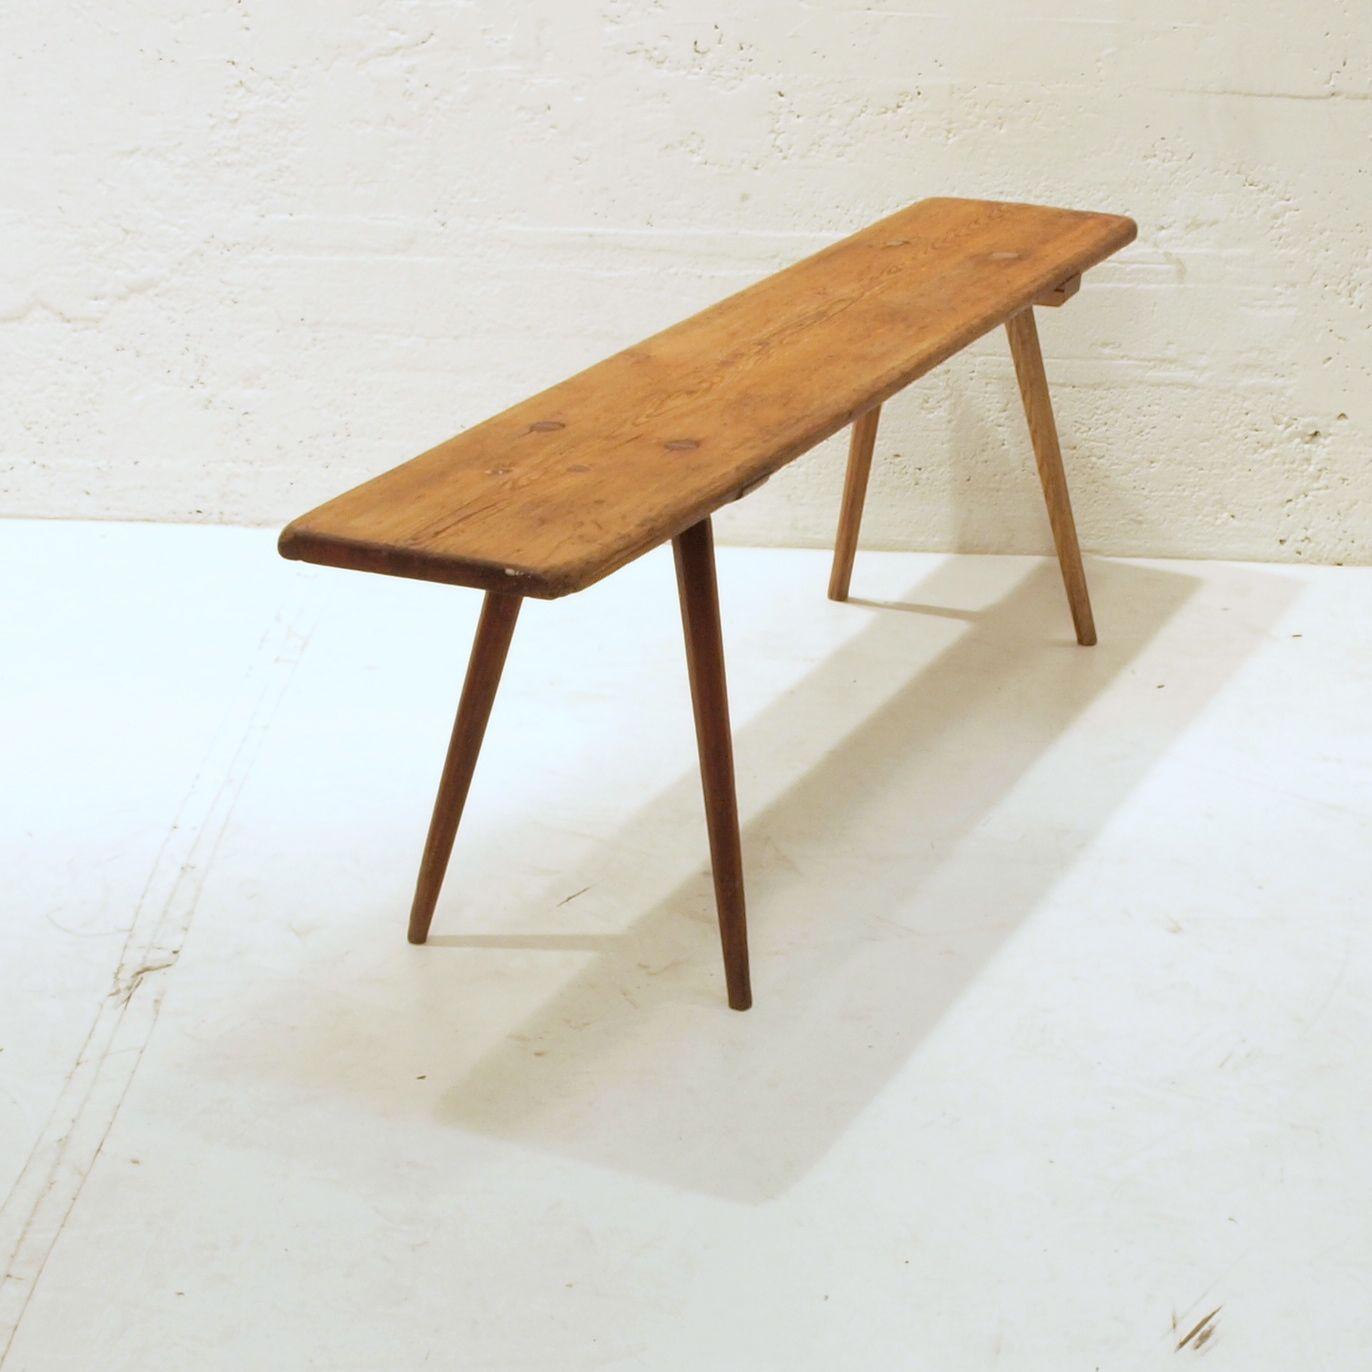 holzbank tanne geschliffen und ge lt m bel z rich vintagem bel. Black Bedroom Furniture Sets. Home Design Ideas